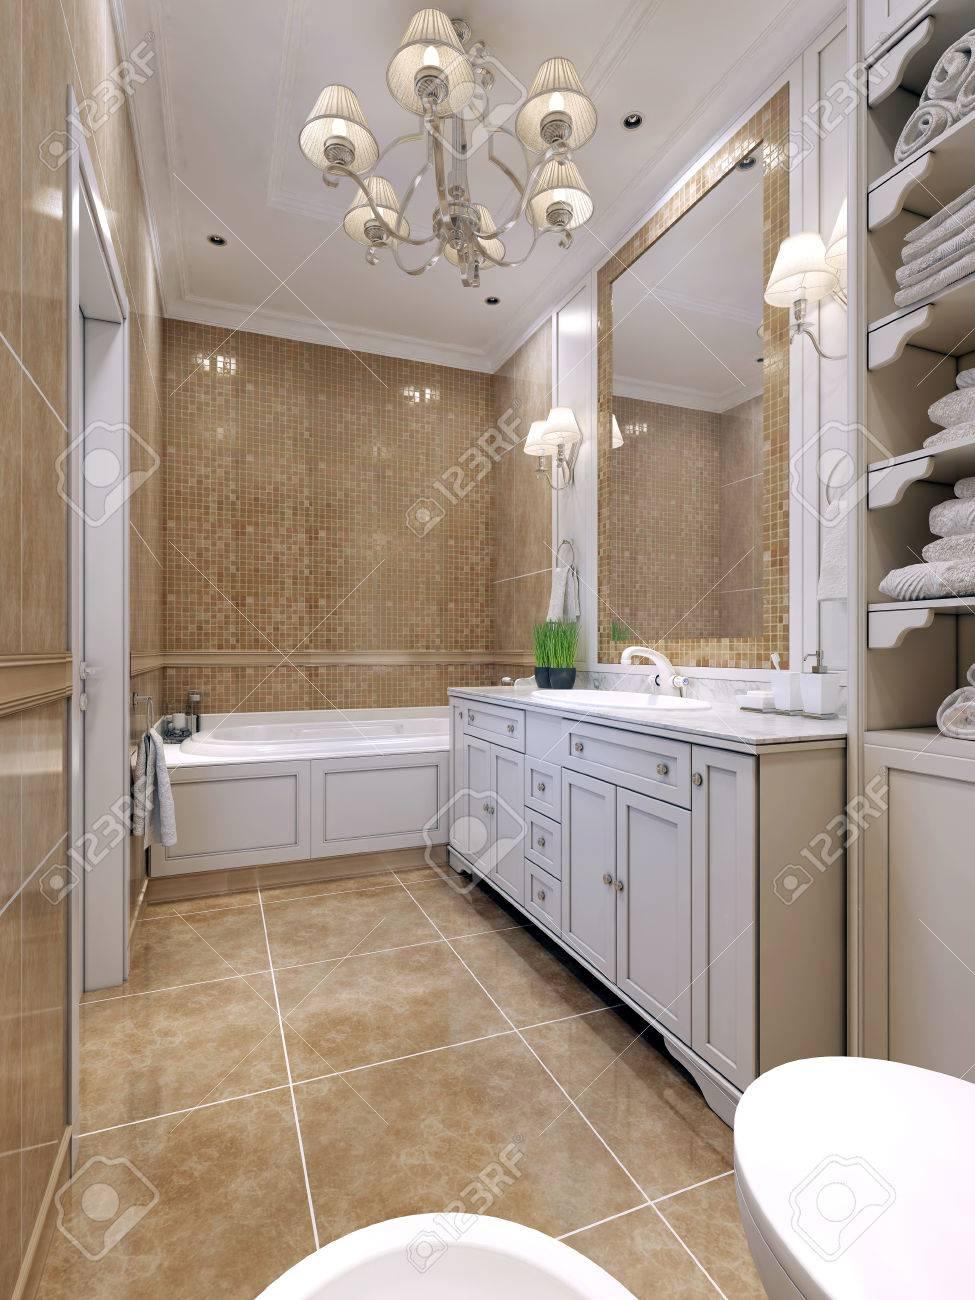 Salle de bains de style art déco. salle de bains classique avec des meubles  blancs, un grand miroir avec cadre en mosaïque. Double bougeoir au-dessus  ...